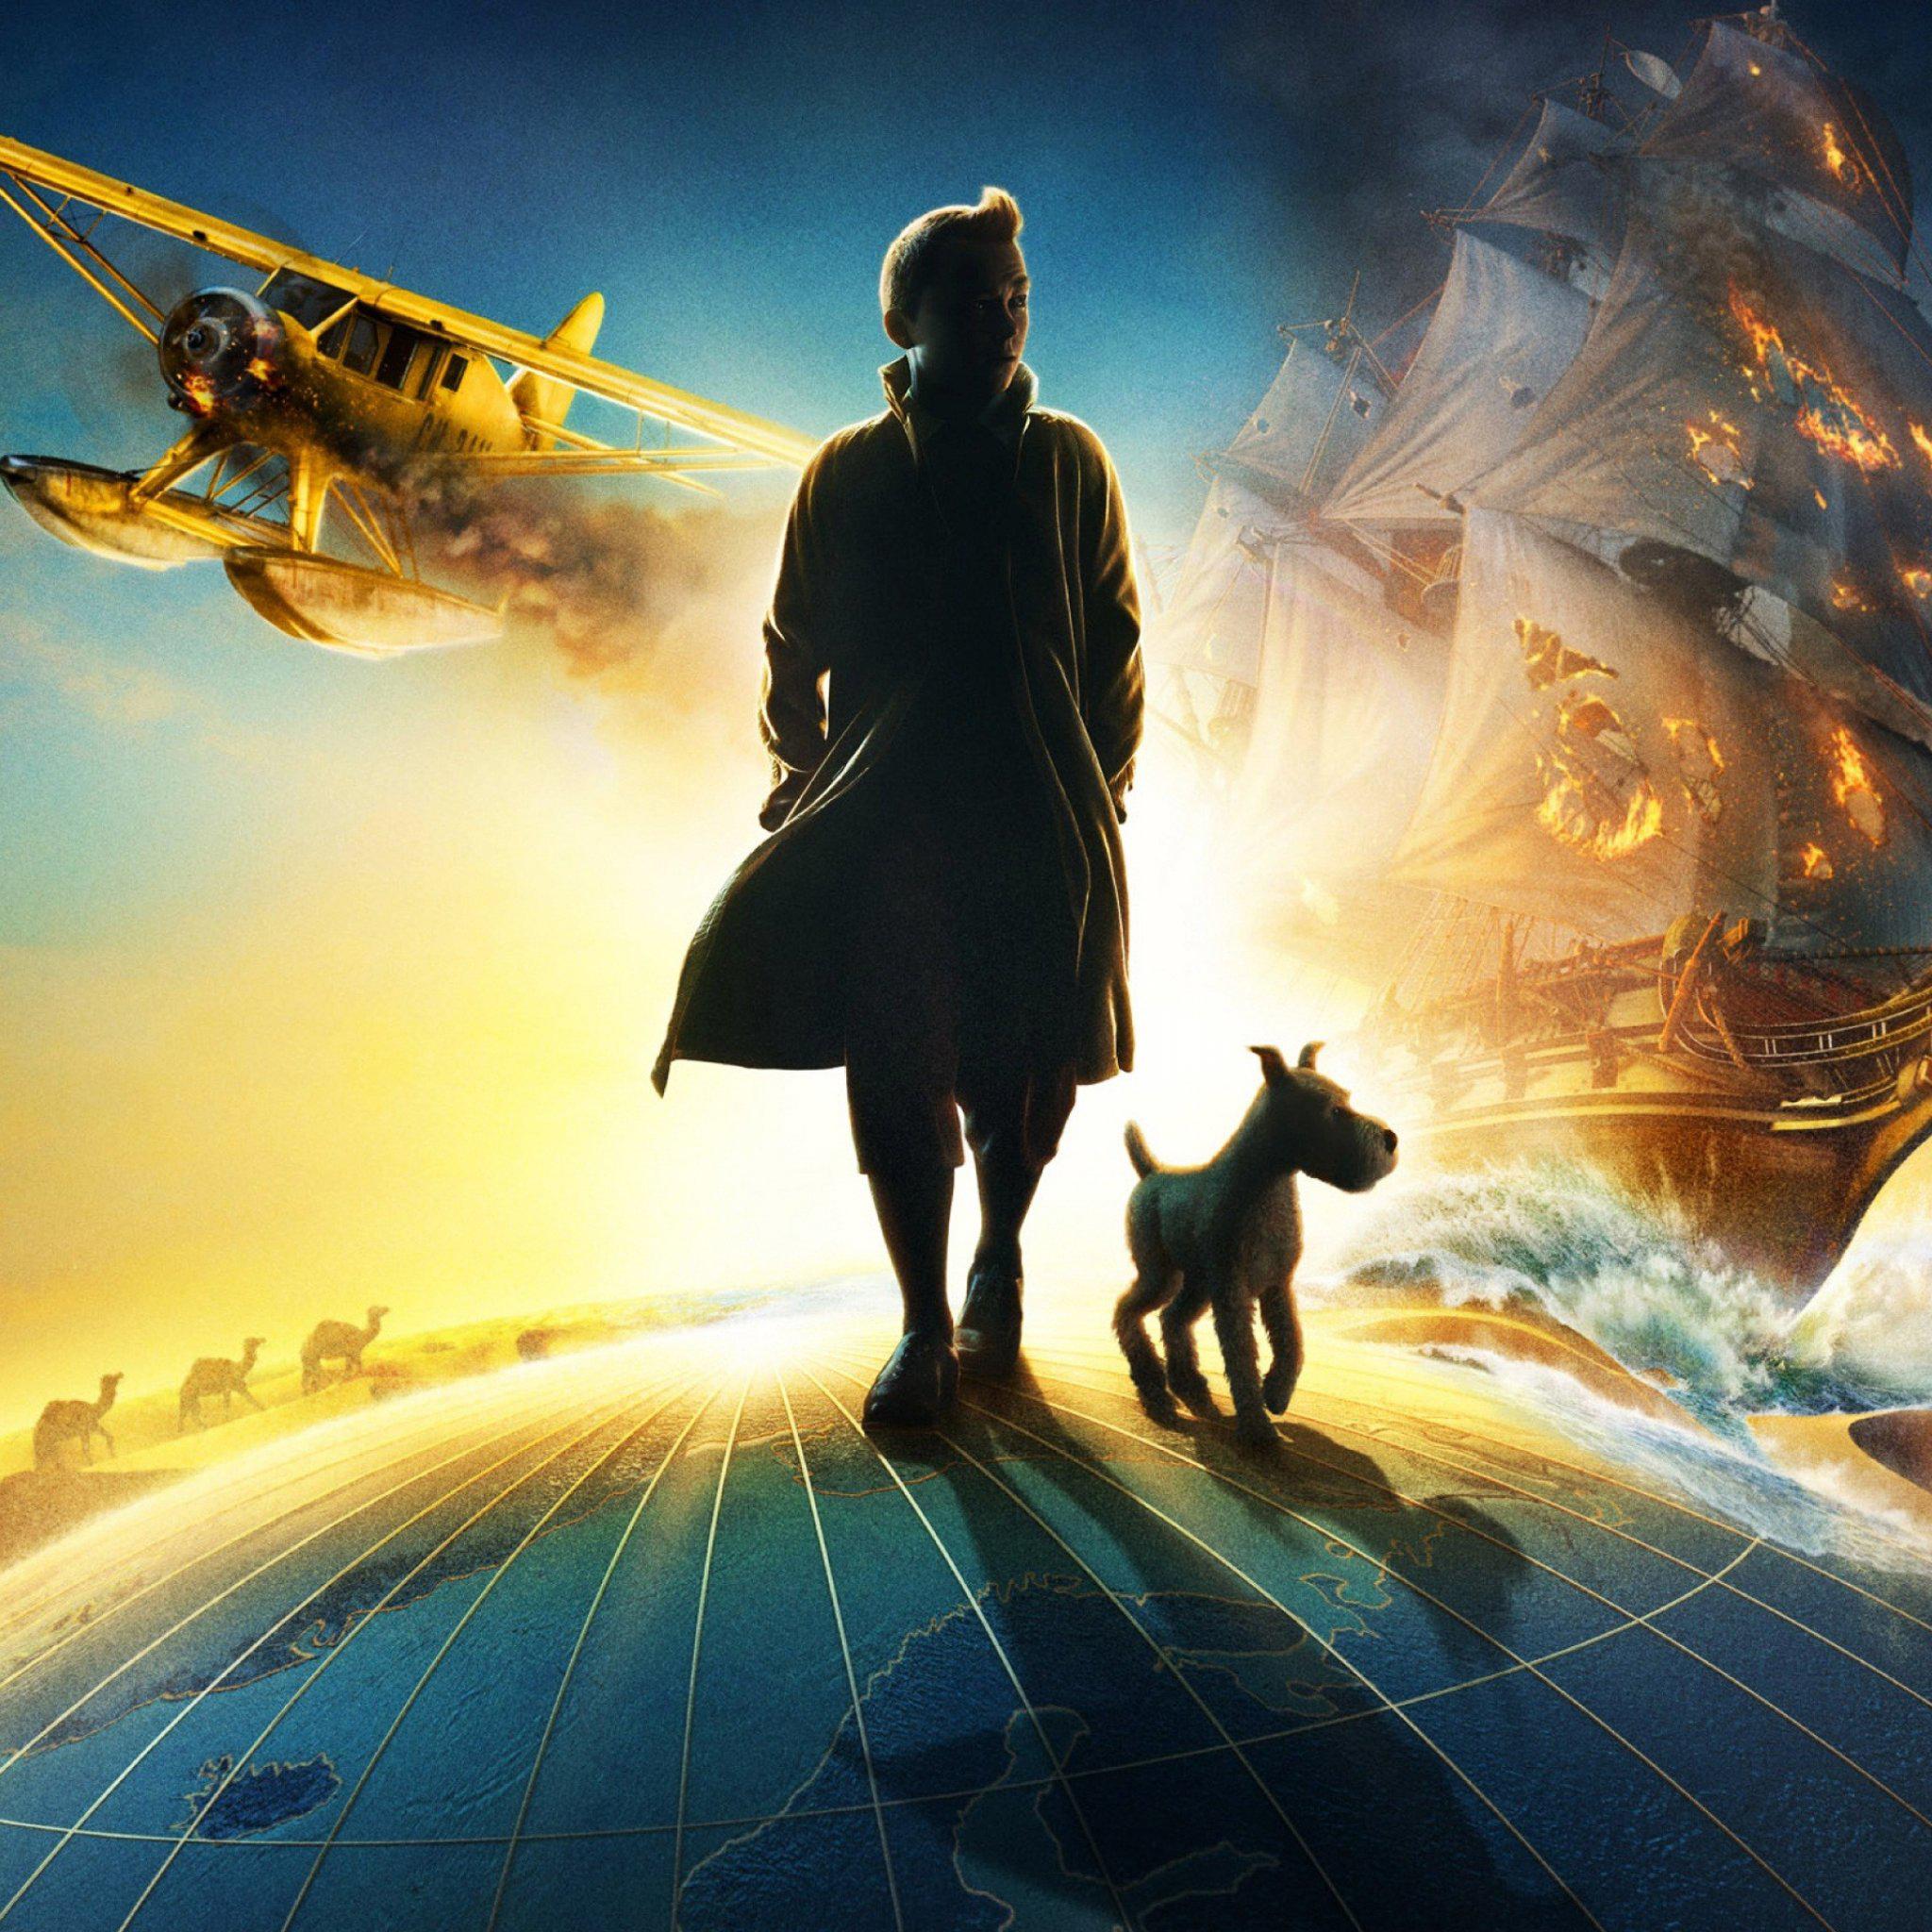 The-Adventures-of-Tintin-3Wallpapers-iPad-Retina